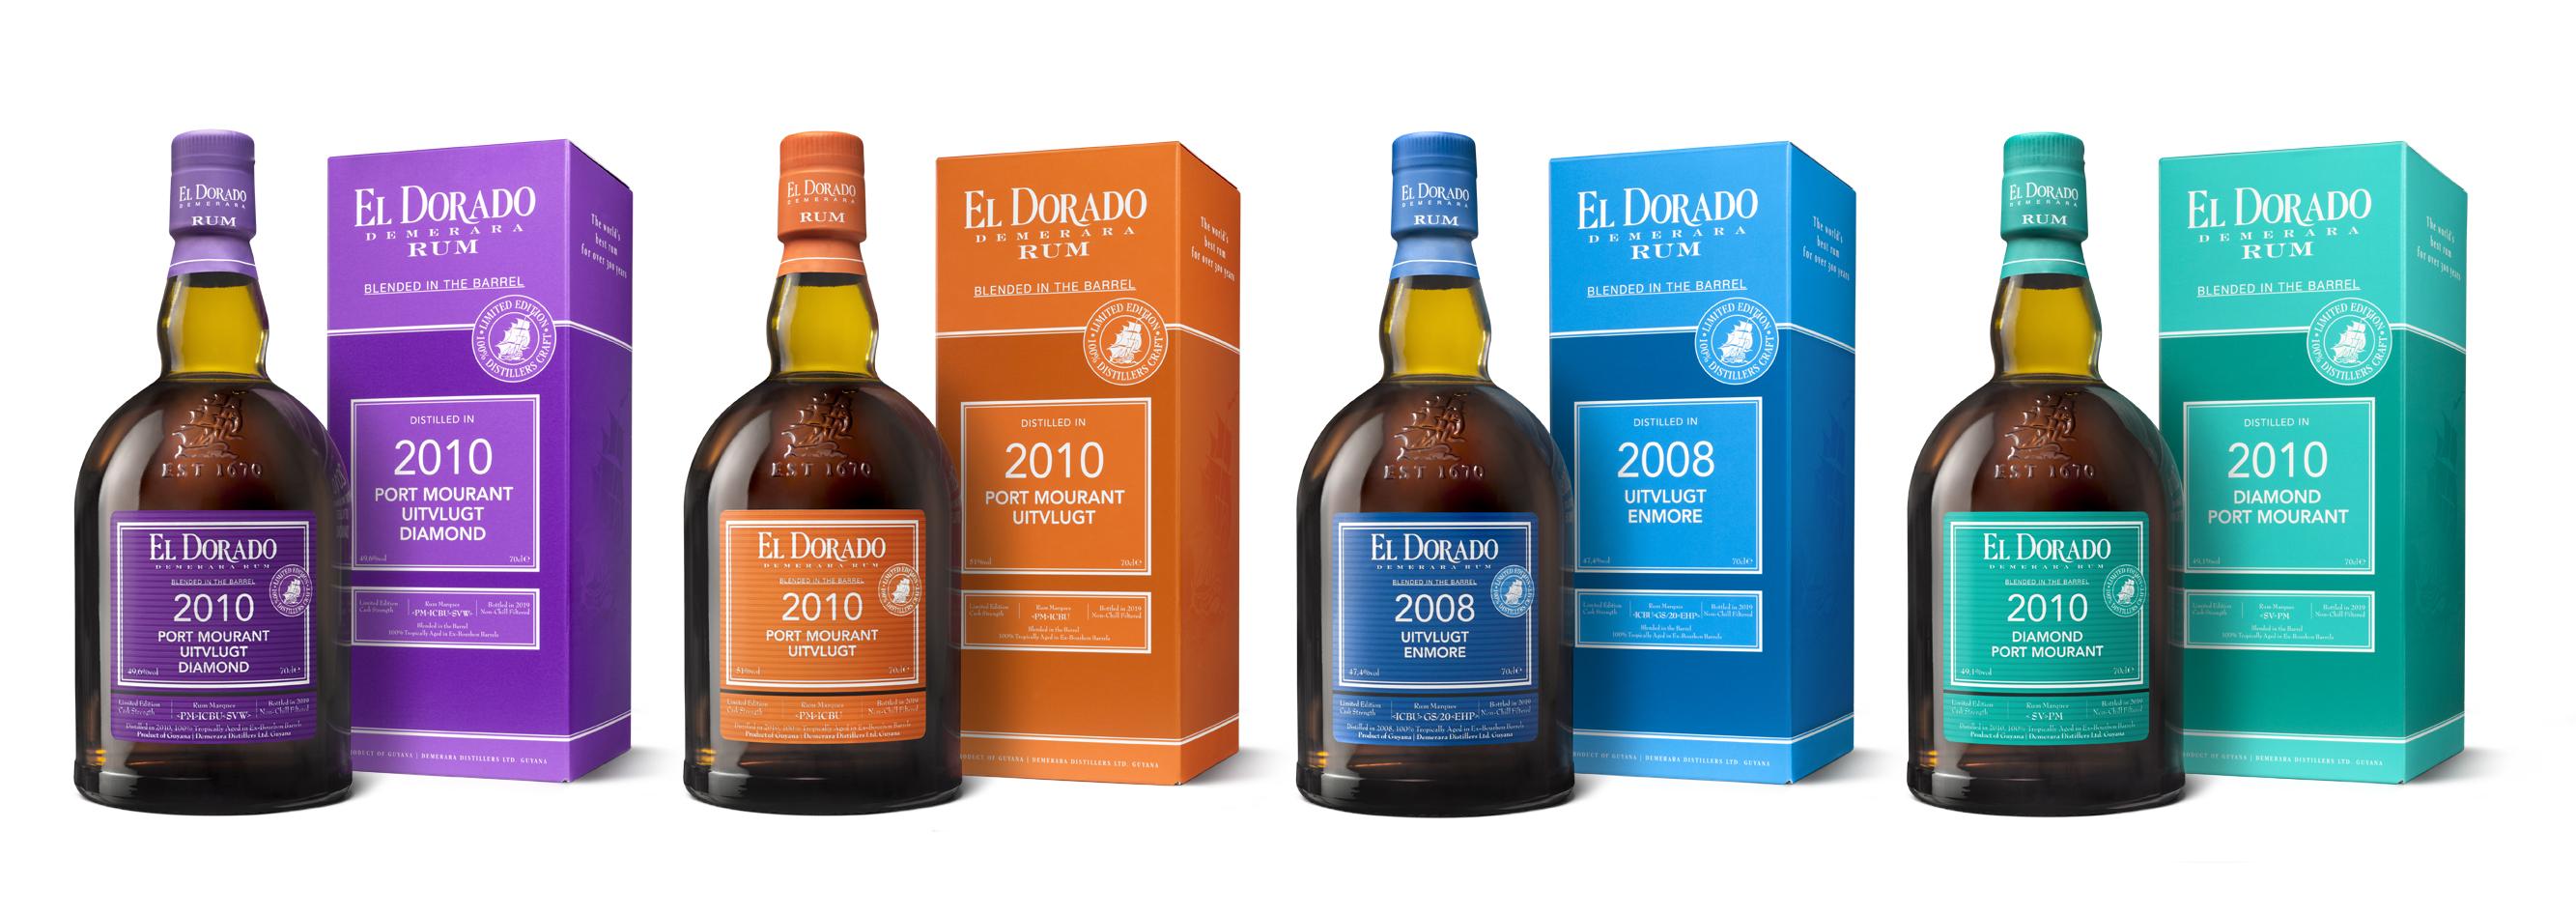 El Dorado flessen met verpakking